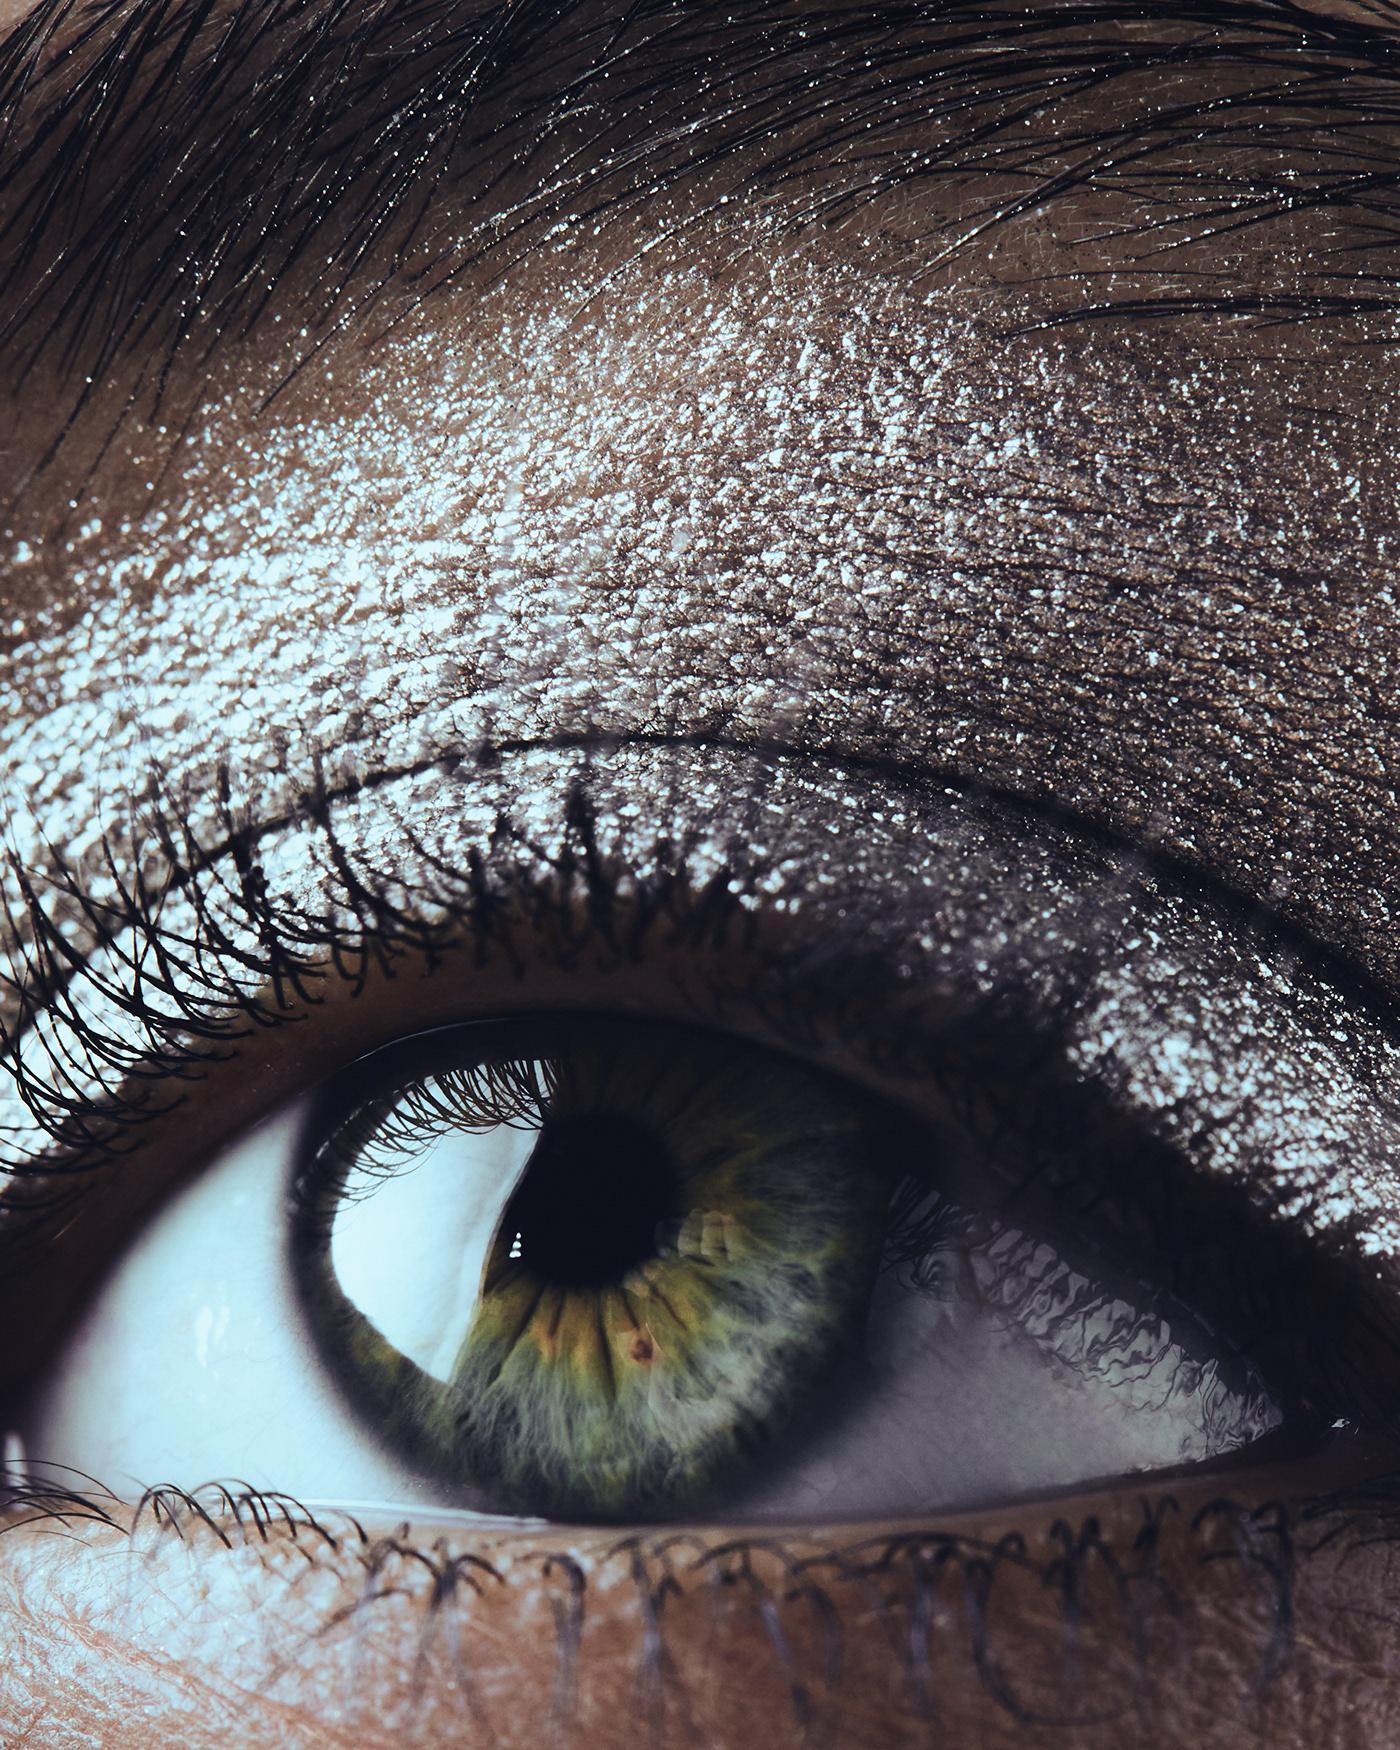 Image may contain: eyes